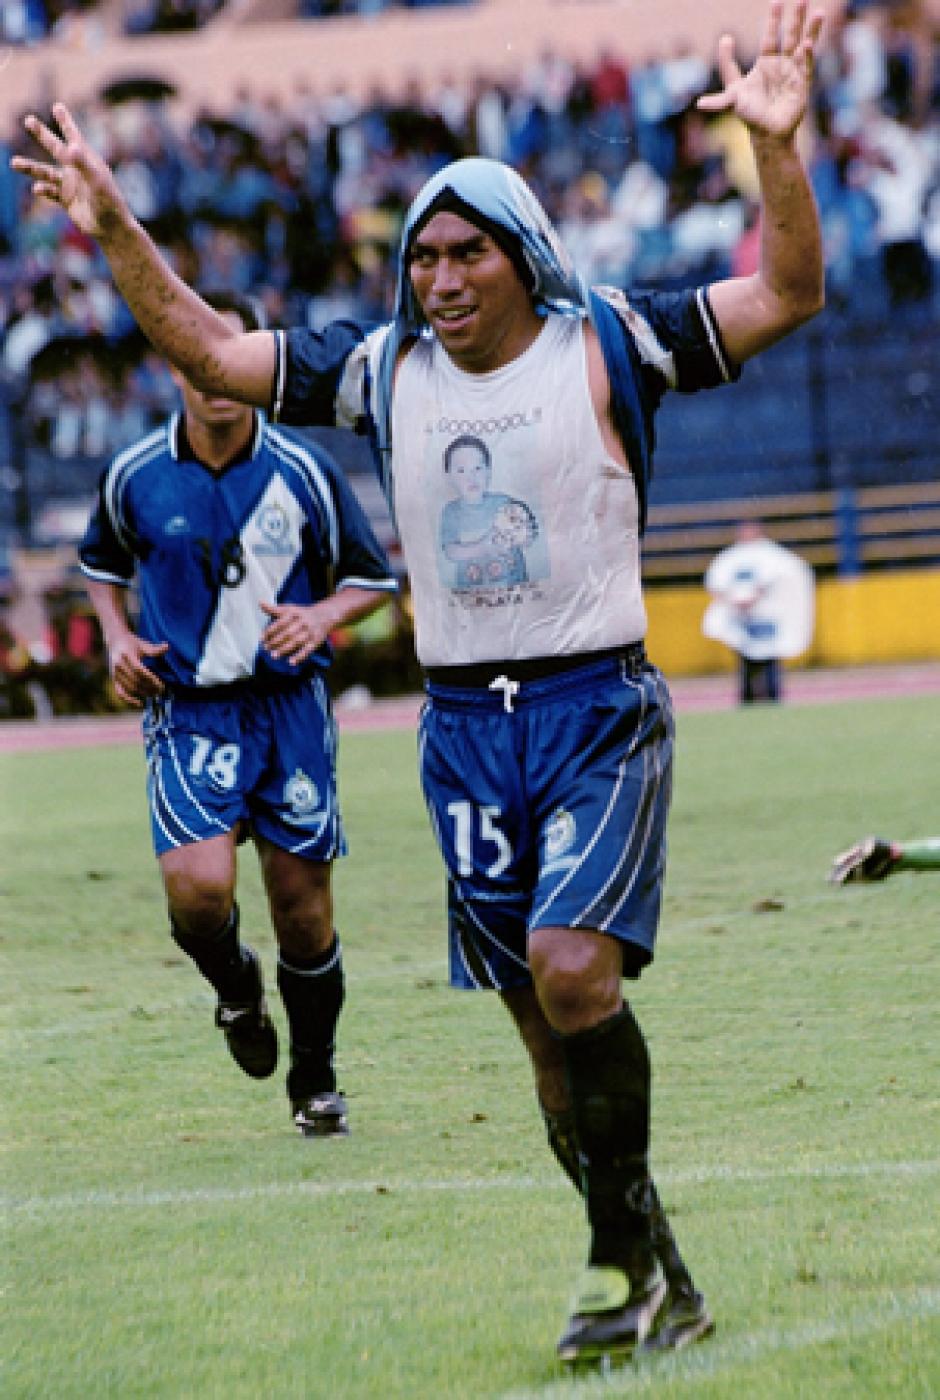 Los goles de Juan Carlos Plata siempre fueron dedicados a su familia. (Foto: Nuestro Diario)